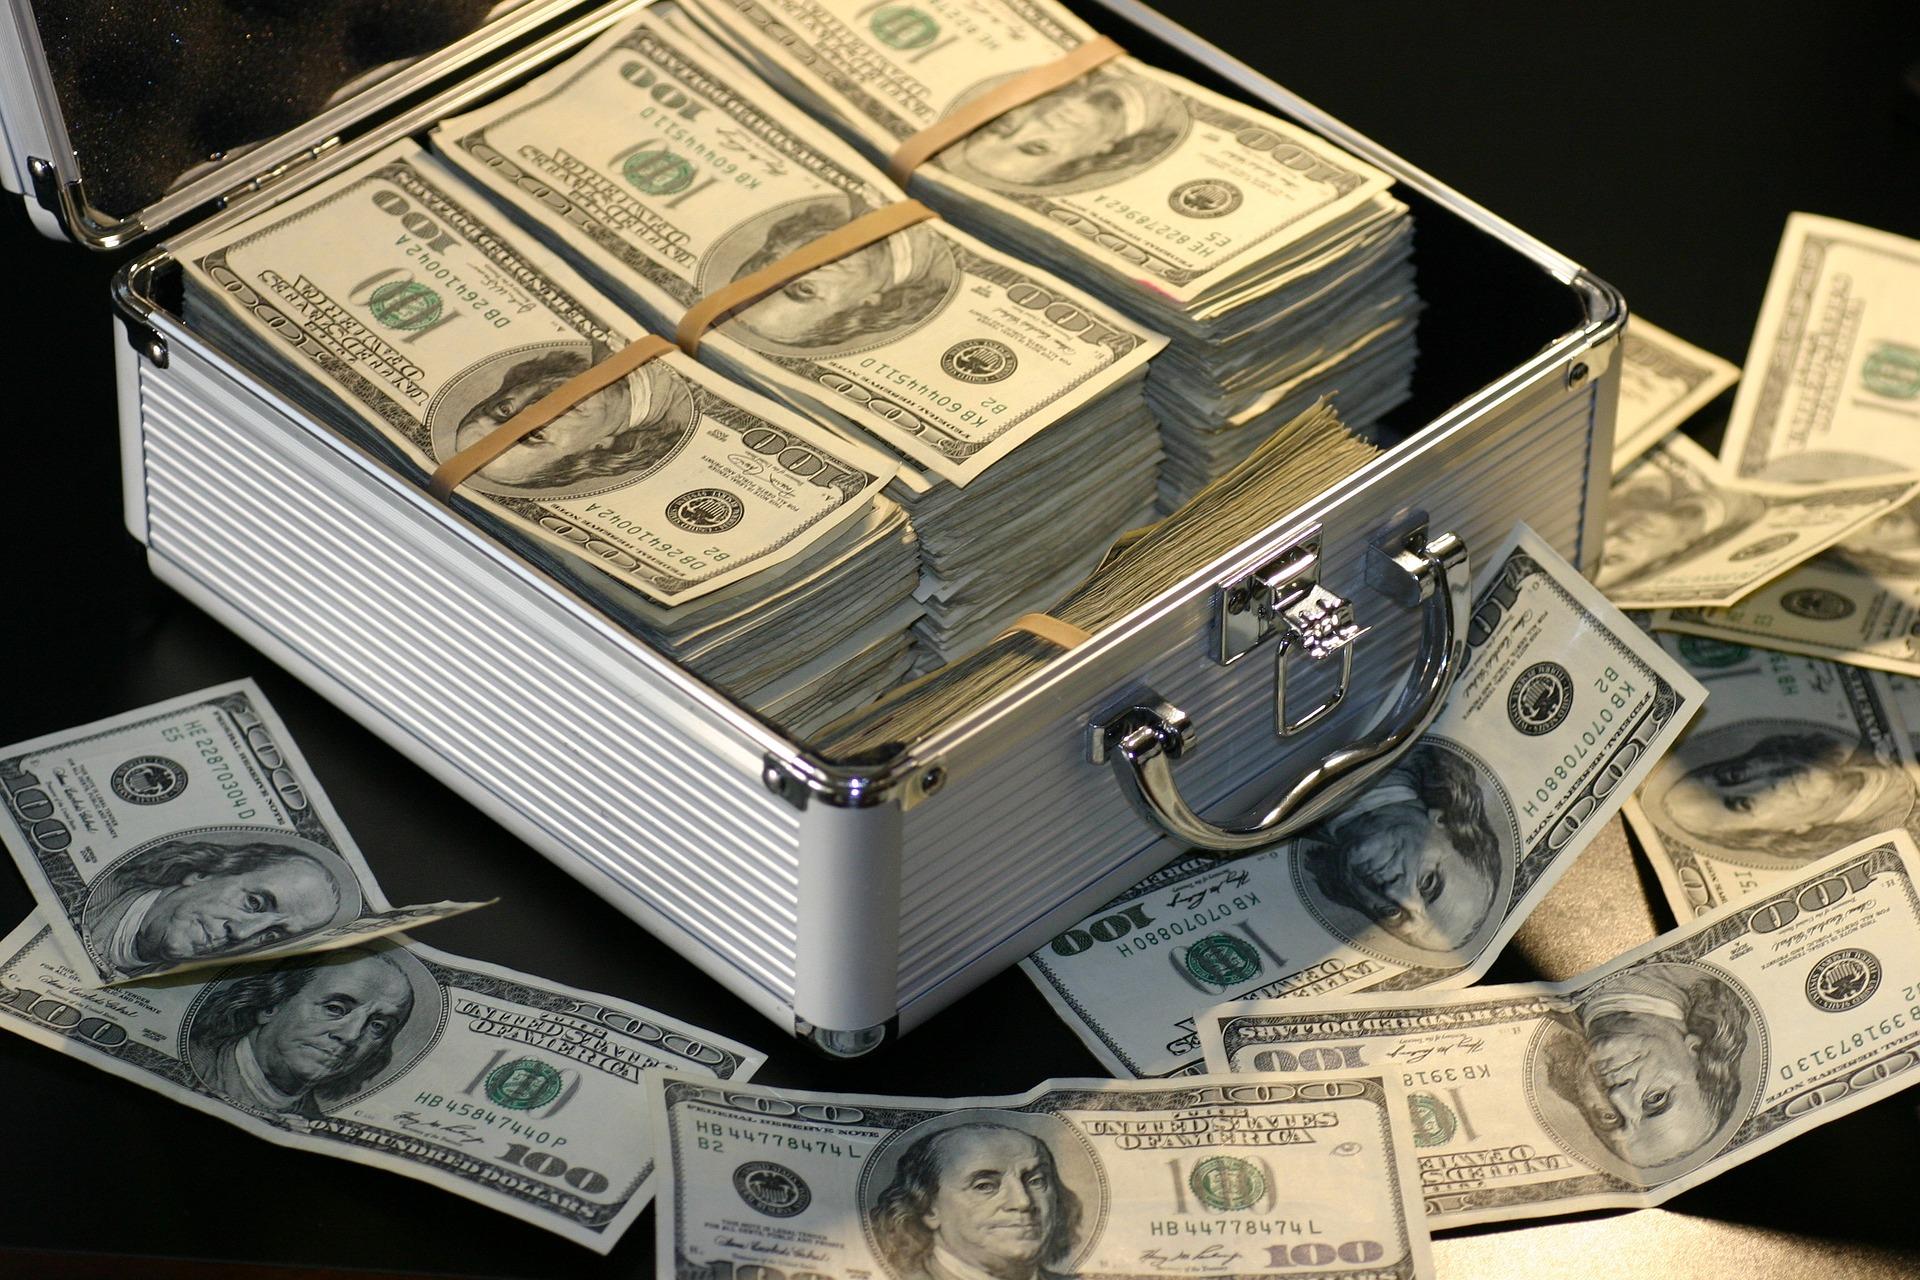 ハイリターンの投資で成功するための心得え!投資詐欺にだまされない!儲かる話・稼げる話には危険がいっぱい!